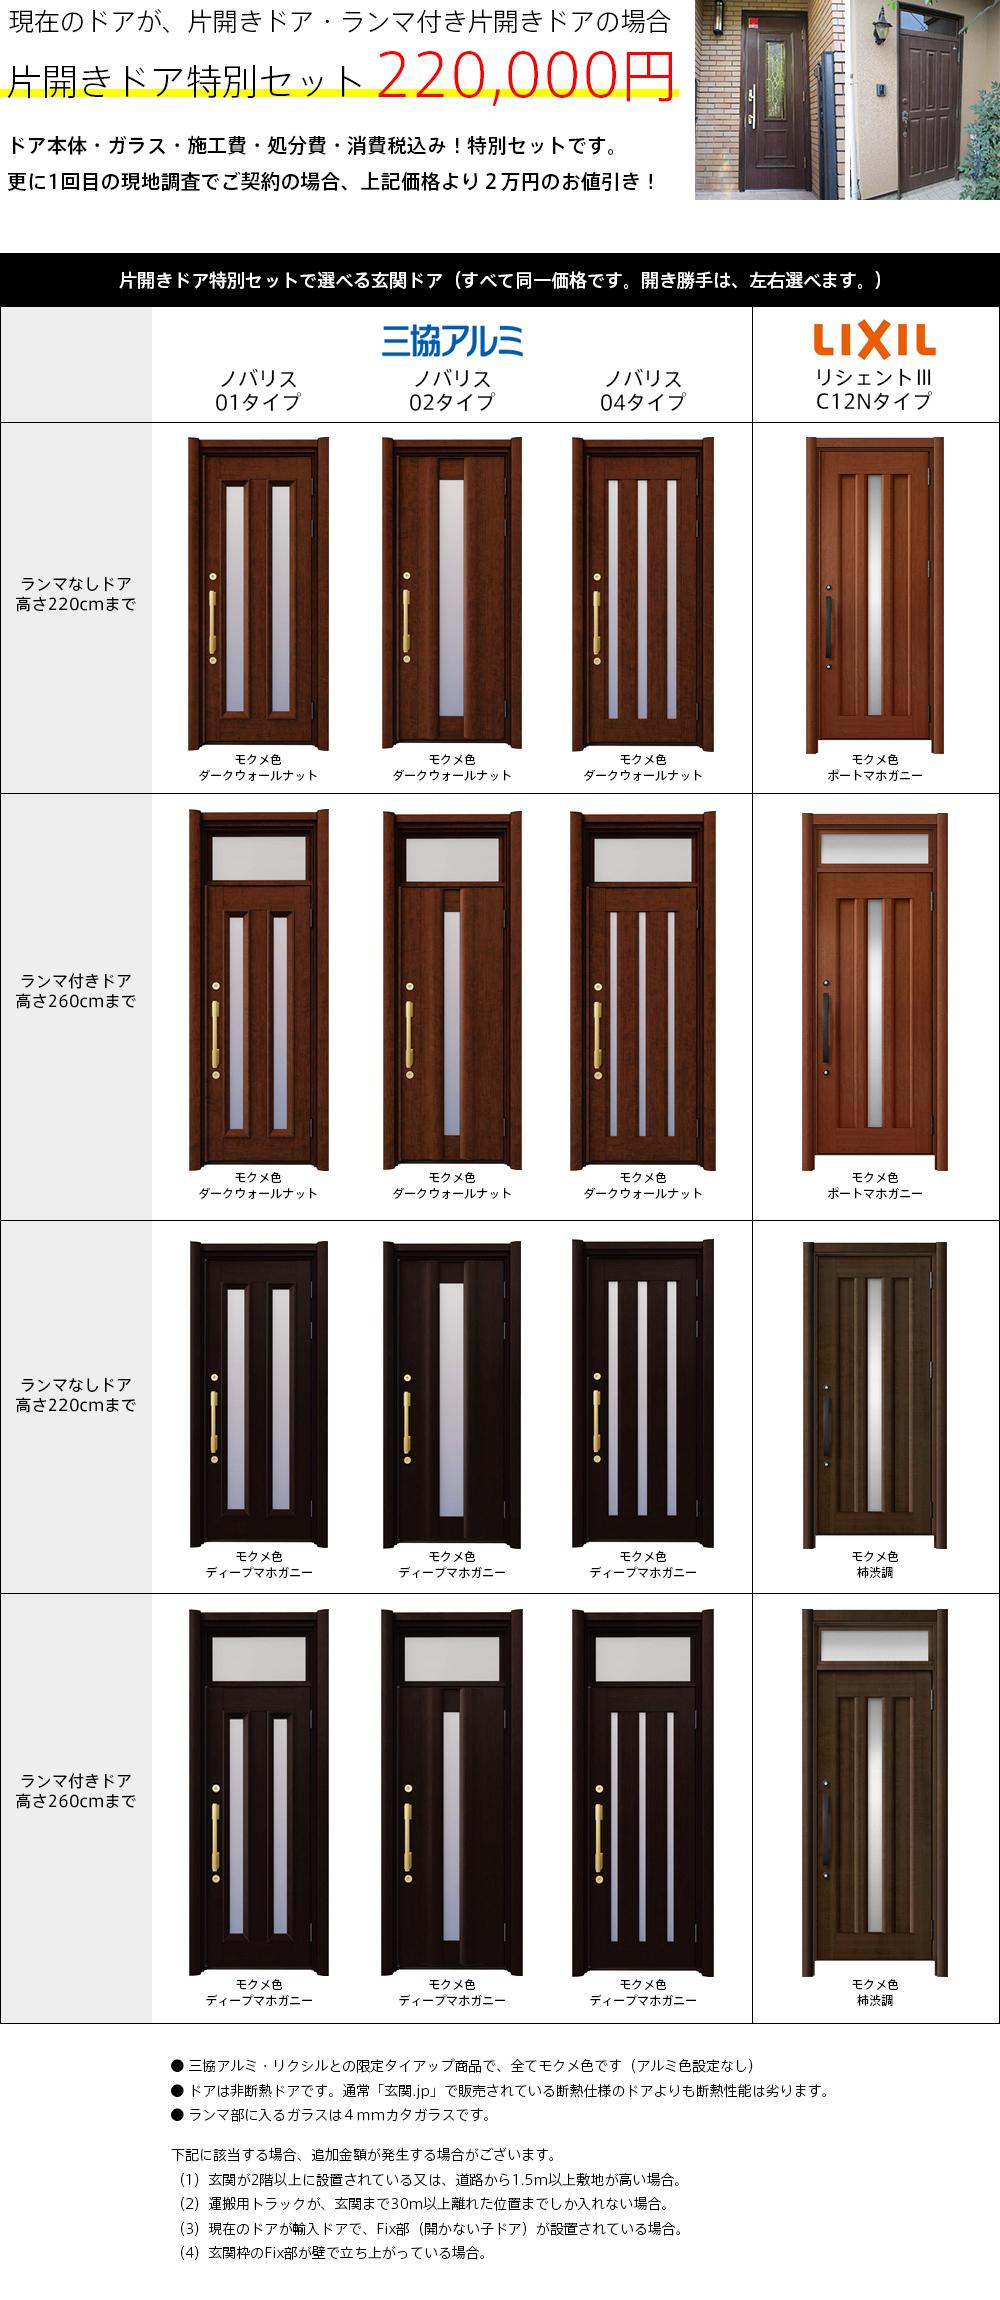 片開き玄関ドアが22万円!激安!安い!